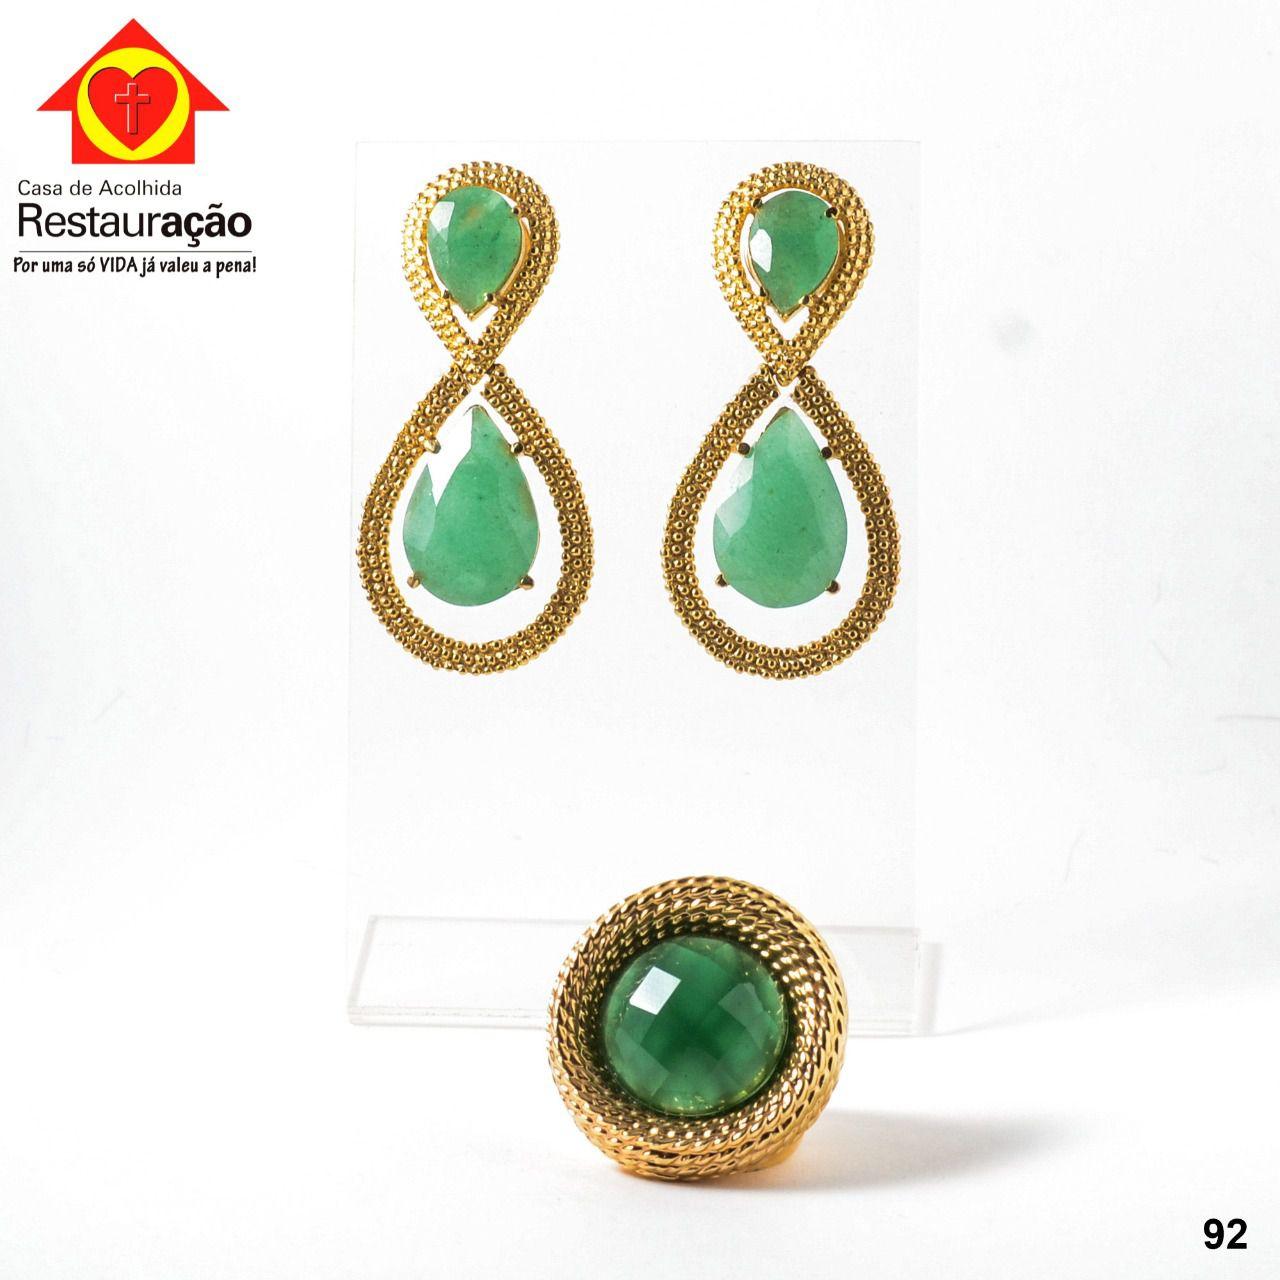 Brinco e Anel Dourado com Pedra Verde